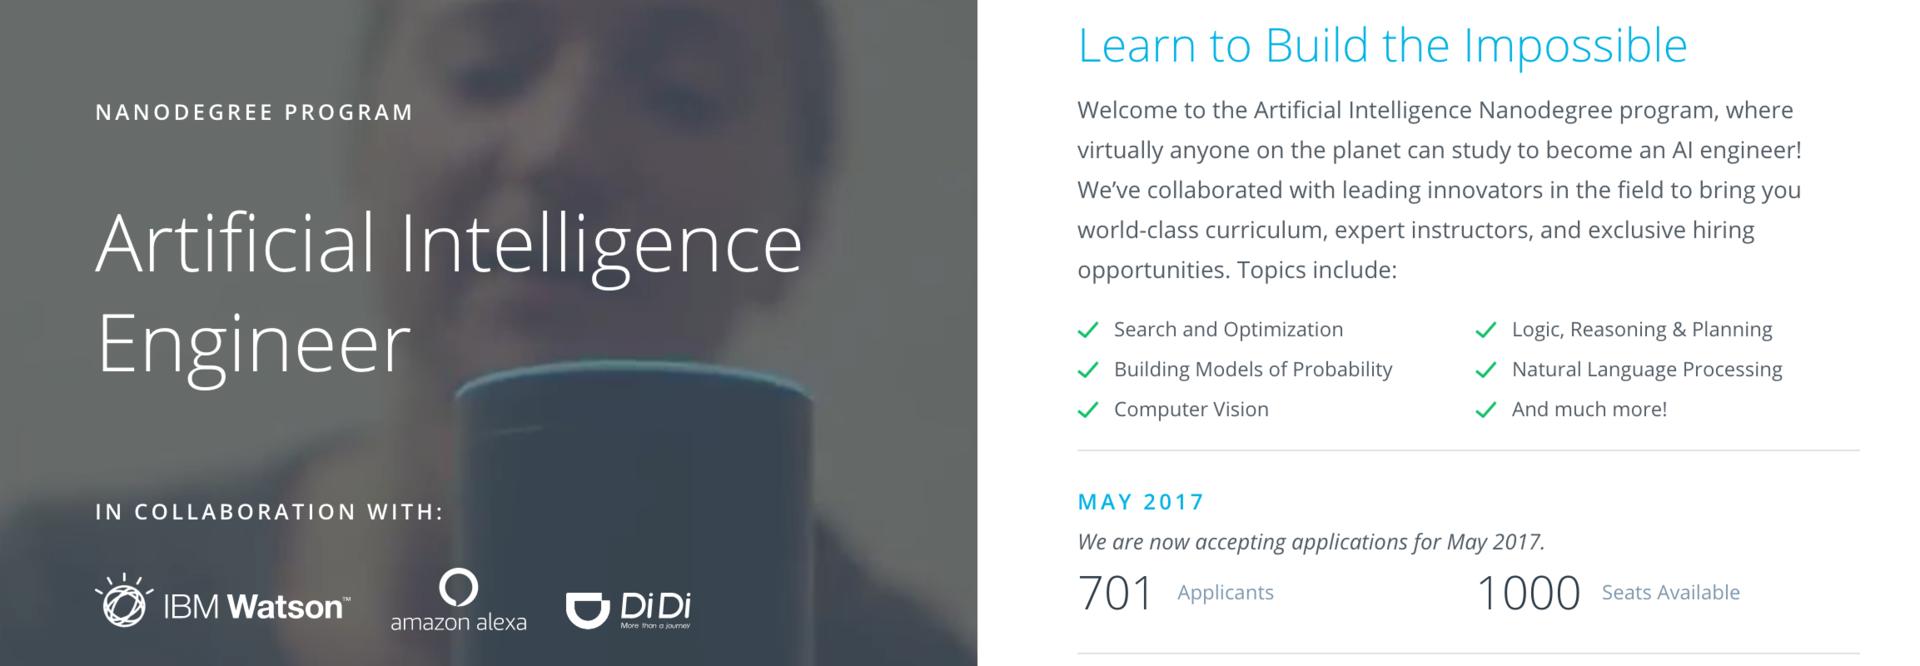 Где поучиться робототехнике онлайн? - 1